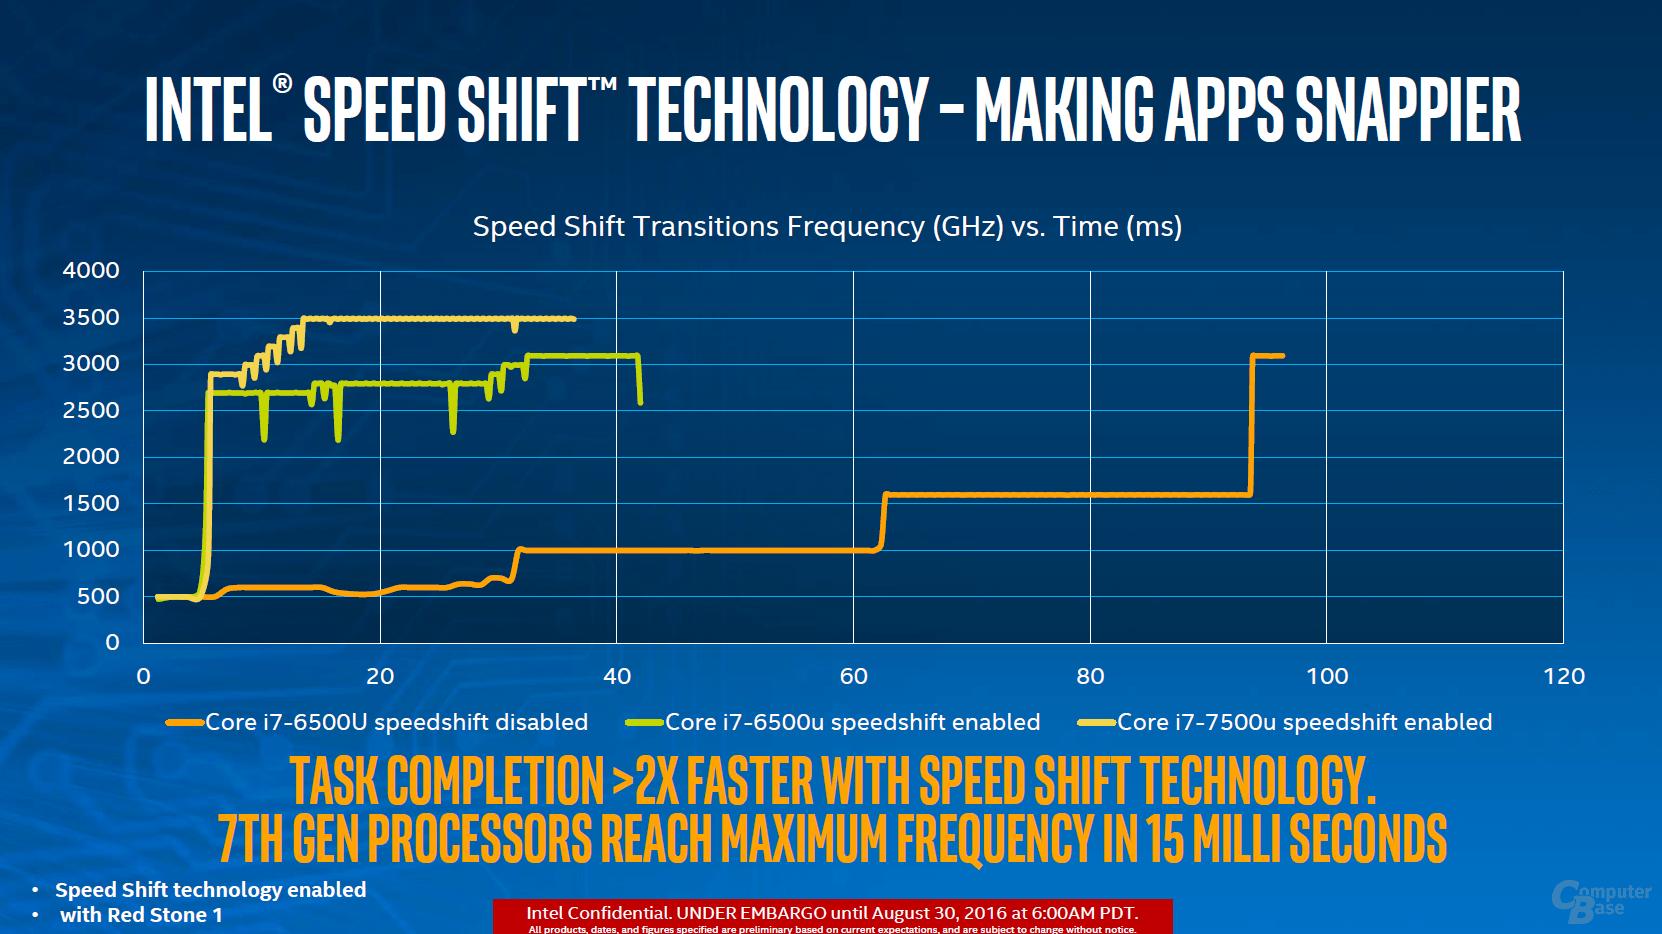 Speed Shift arbeitet flotter und taktet höher